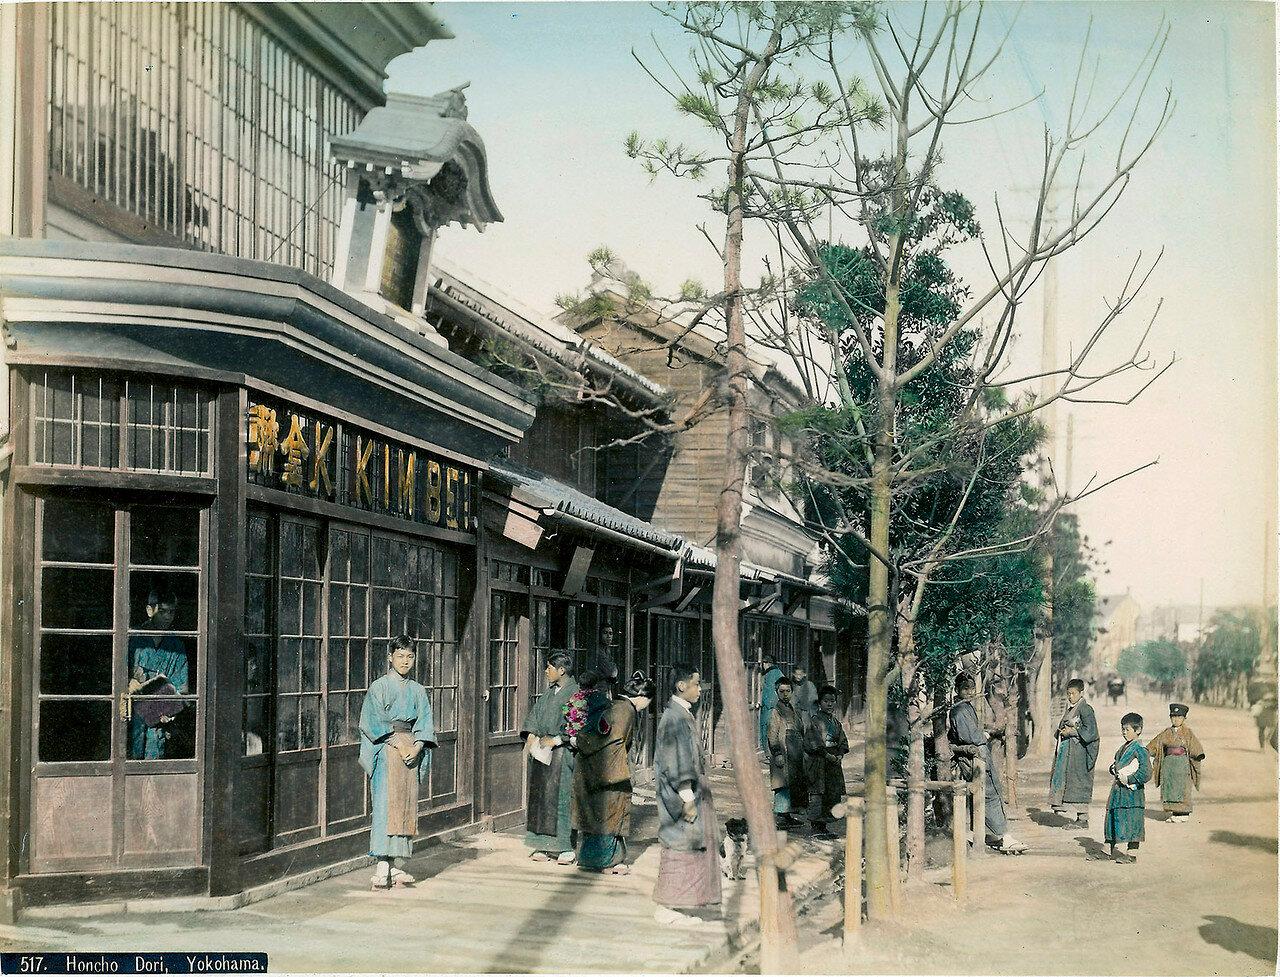 Иокогама, Хонтё Дори